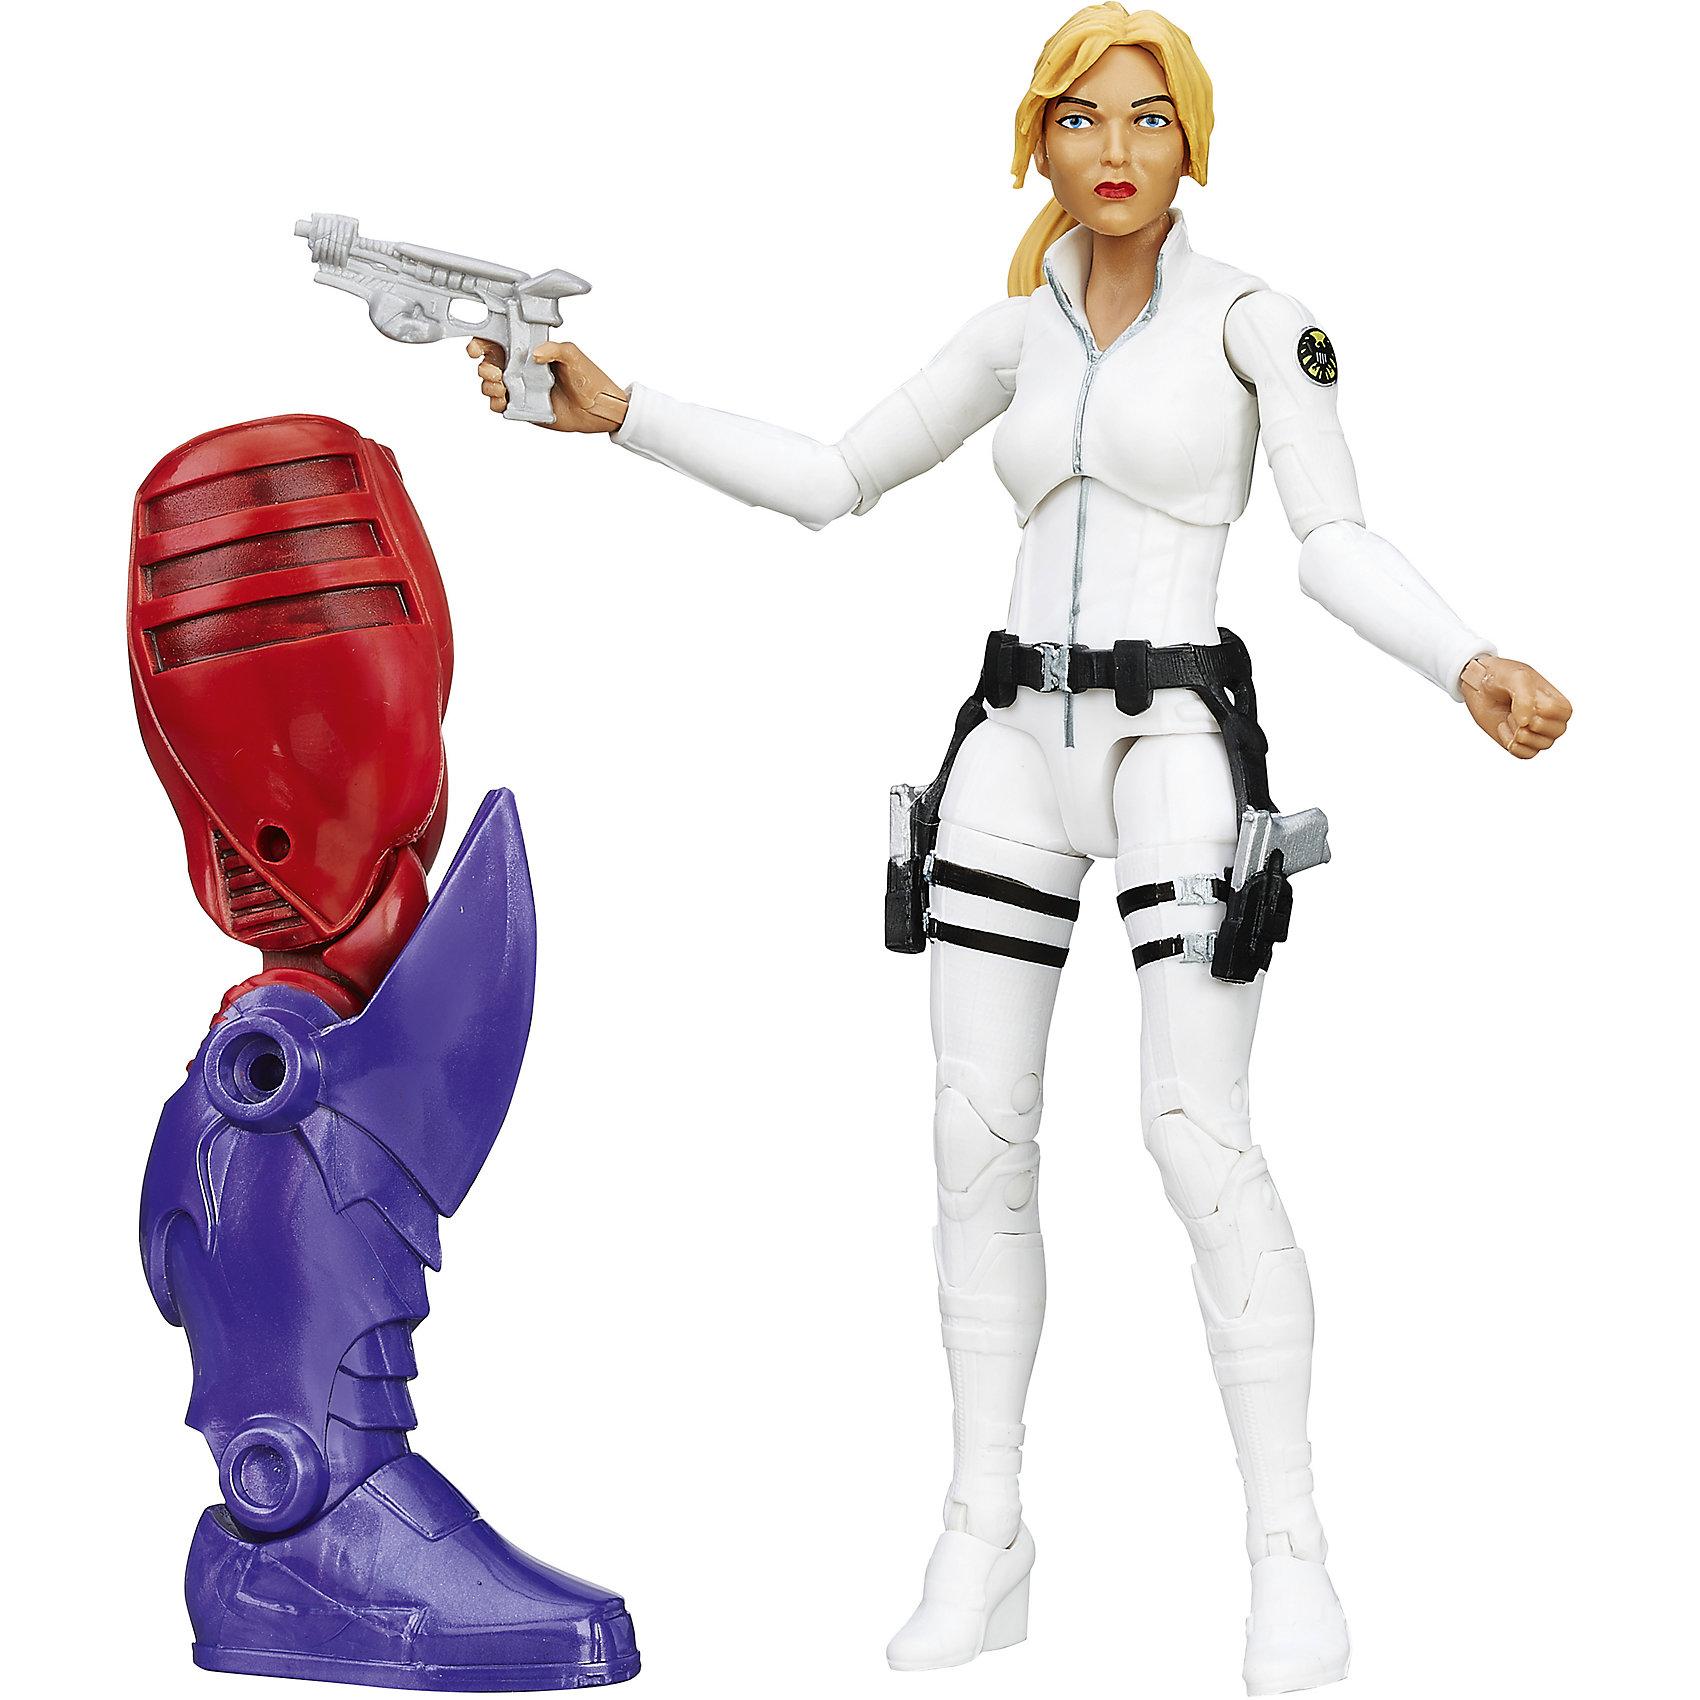 Коллекционная фигурка Мстителей 15 см, B6355/B6724Фигурки героев<br>Характеристики товара:<br><br>• возраст: от 4 лет;<br>• материал: пластик;<br>• в комплекте: фигурка, аксессуары;<br>• высота фигурки: 15 см;<br>• размер упаковки: 26х15х6 см;<br>• вес упаковки: 270 гр.;<br>• страна производитель: Китай.<br><br>Коллекционная фигурка Марвел «Первый мститель. Шэрон Картер» Hasbro представляет собой одного из героев комиксов Марвел. Шэрон Картер известна как Агент 13 и является секретным агентом организации ЩИТ. <br><br>У фигурки несколько подвижных элементов, благодаря чему она принимает различные позы. В серии представлено несколько персонажей, в комплекте с которыми идет дополнительная деталь. Она позволит собрать одного из самых известных злодеев — Красного Черепа.<br><br>Коллекционную фигурку Марвел «Первый мститель. Шэрон Картер» Hasbro можно приобрести в нашем интернет-магазине.<br><br>Ширина мм: 64<br>Глубина мм: 152<br>Высота мм: 267<br>Вес г: 294<br>Возраст от месяцев: 48<br>Возраст до месяцев: 192<br>Пол: Унисекс<br>Возраст: Детский<br>SKU: 5473704